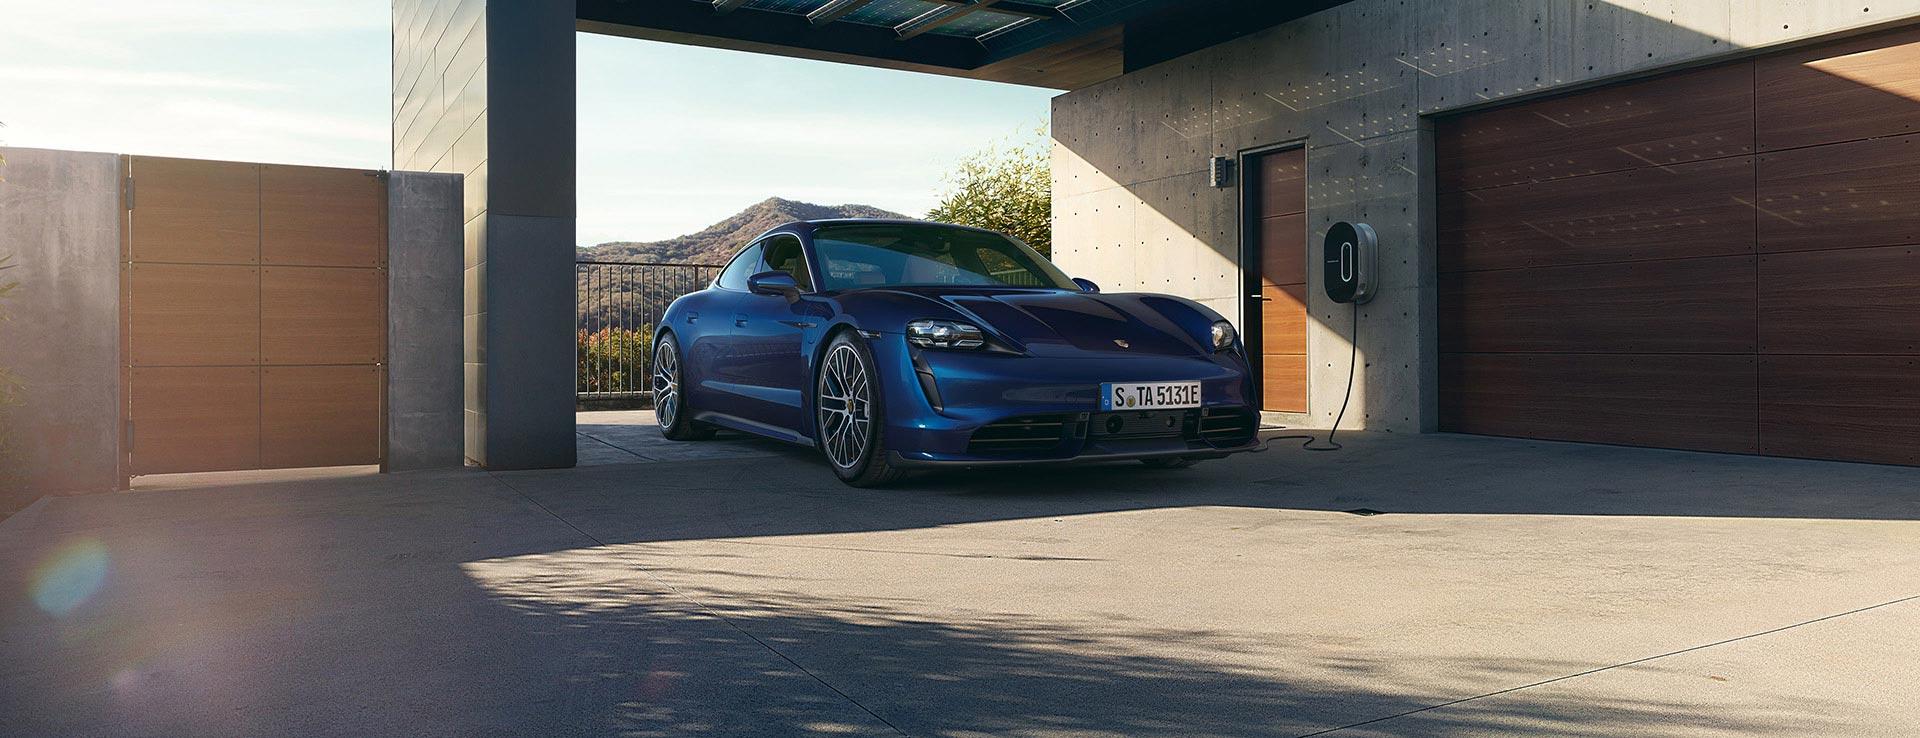 Porsche Türkiye - Sportif Araç Deneyimi intérieur Salon De Jardin D Occasion